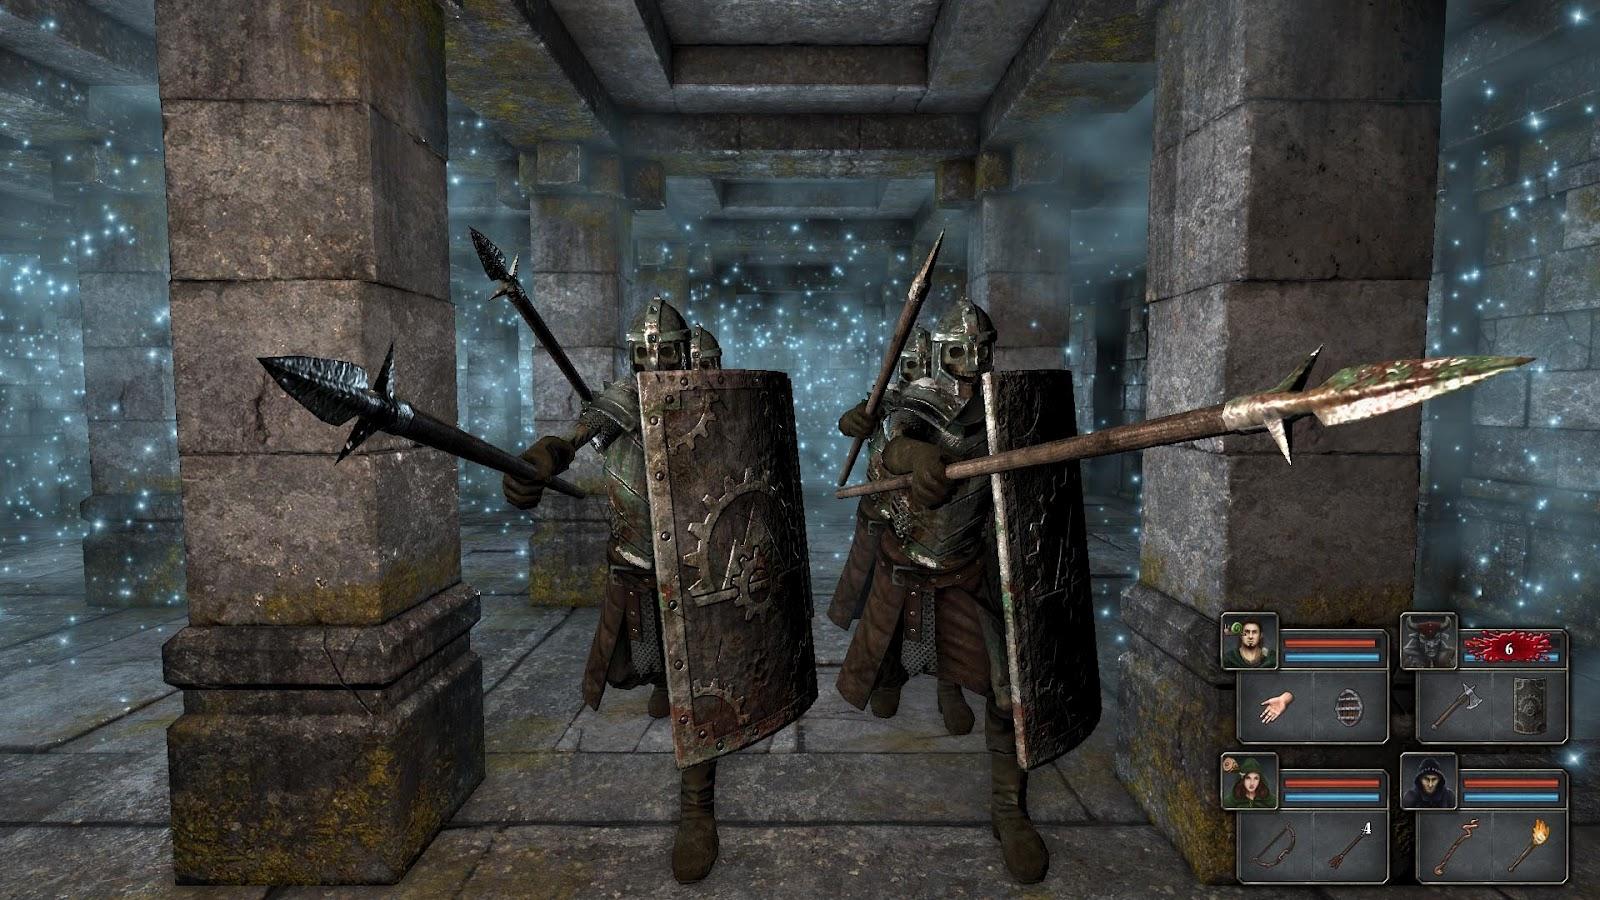 http://1.bp.blogspot.com/-595AcQ1ZwHA/T6gEP3-eS1I/AAAAAAAAAu0/7sXE-T4U6zs/s1600/Legend_of_Grimrock_screenshot_011.jpg